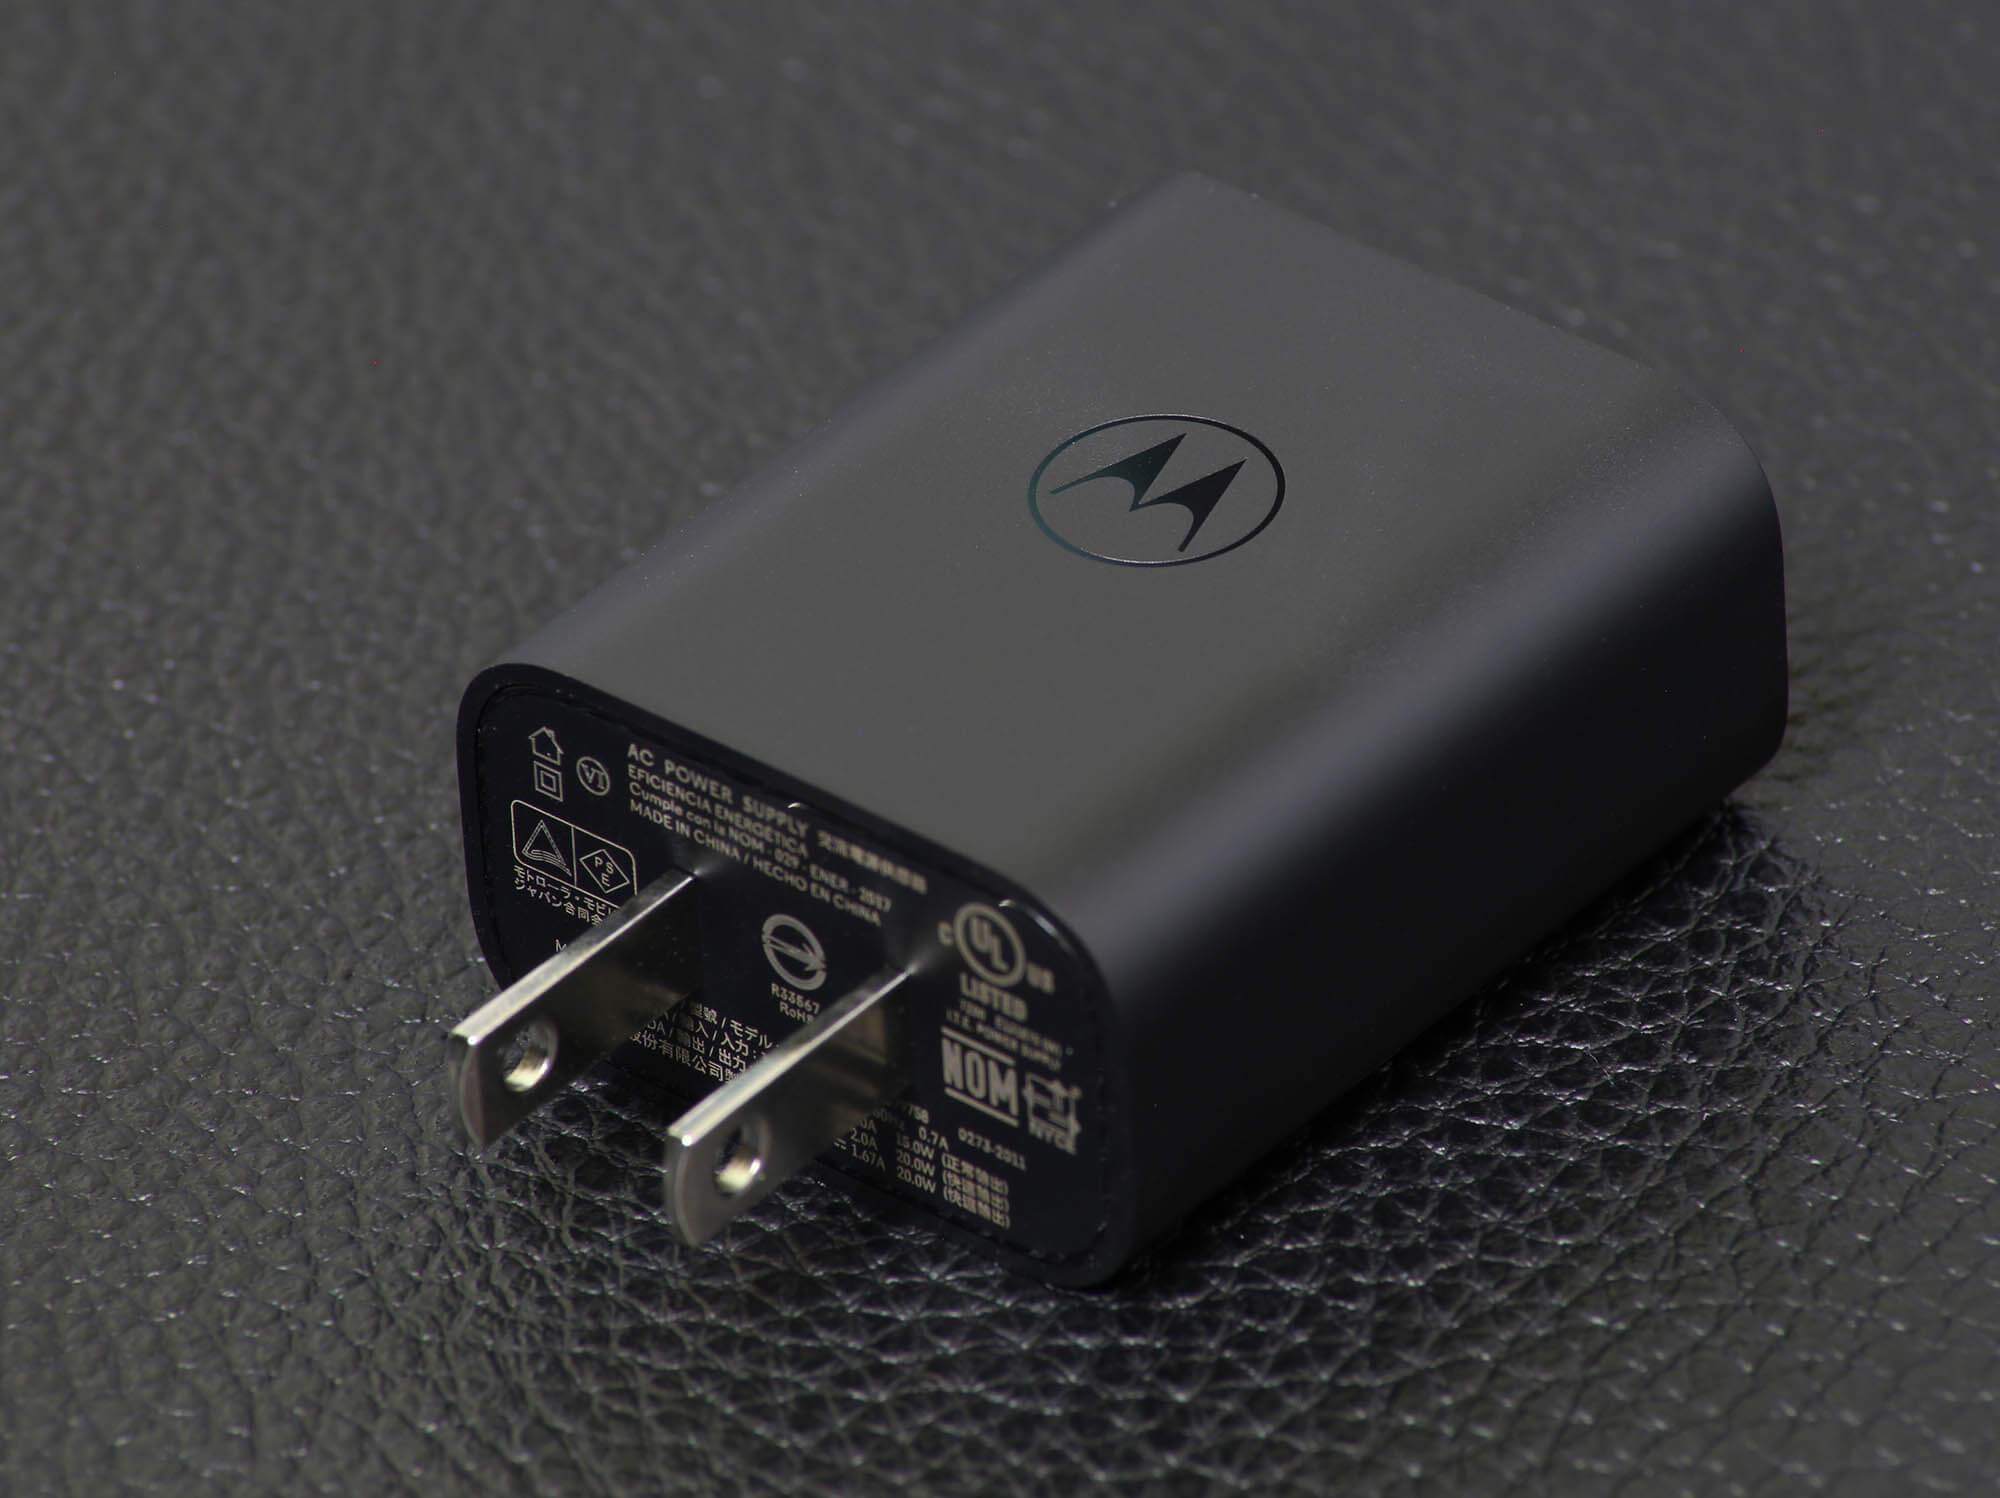 moto g30の付属充電器はMotorolaのロゴが刻印されていて見た目が良い